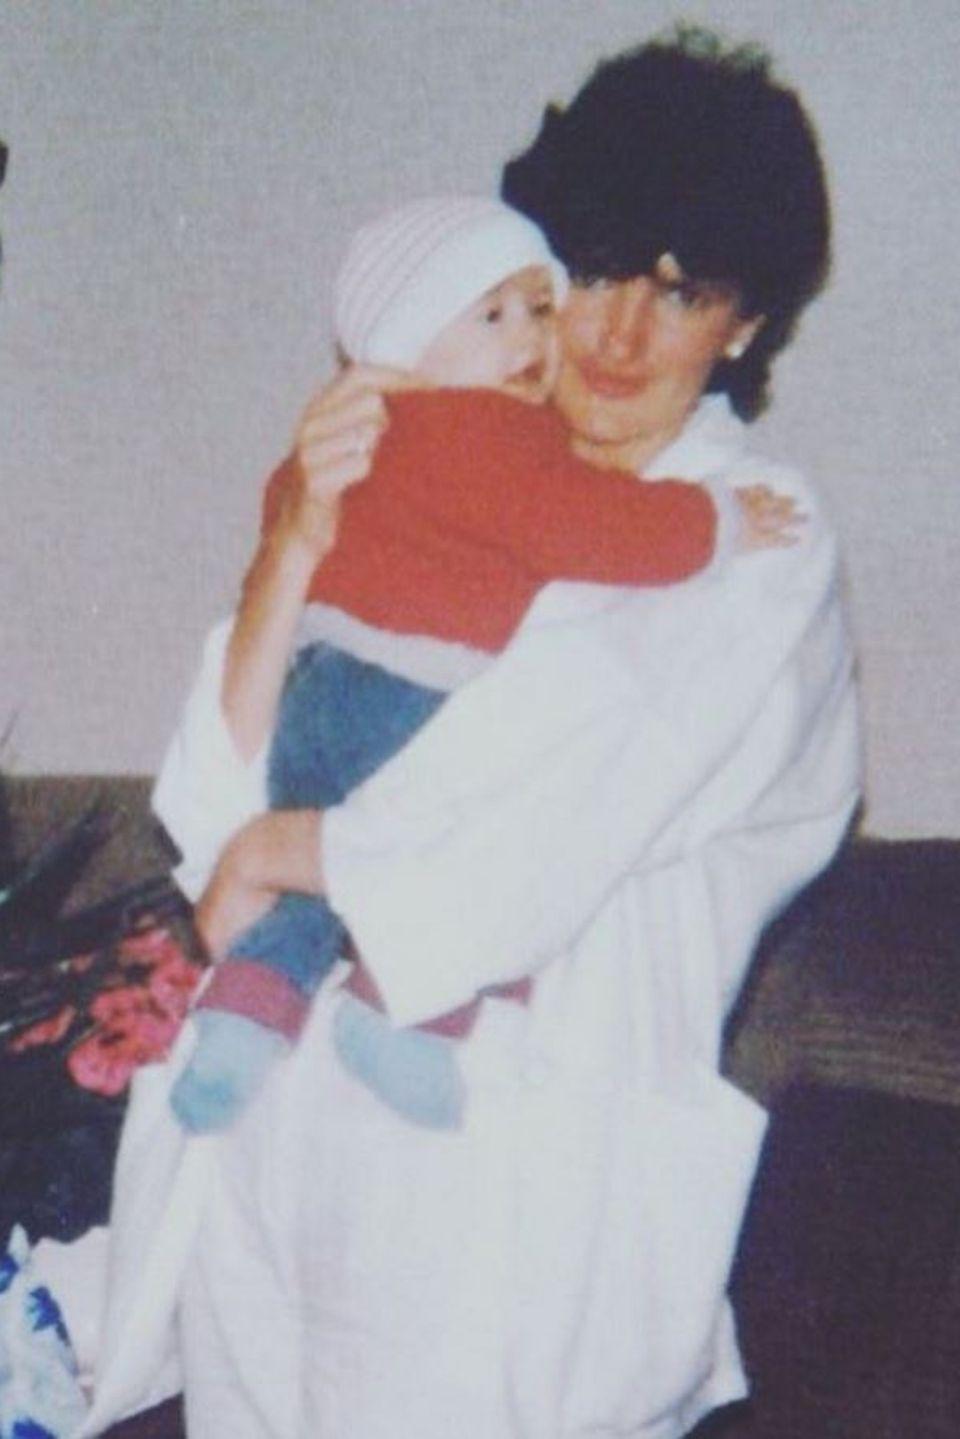 """Isabell Horn gratuliert ihrer Mutter ganz simpel zum Muttertag: """"Mami ich liebe dich!!"""" Dazu teilt sie ein Foto aus guter alter Zeit, als sie noch ein Baby war und ihre Mutter der heutigen Isabell verblüffend ähnlich sah."""